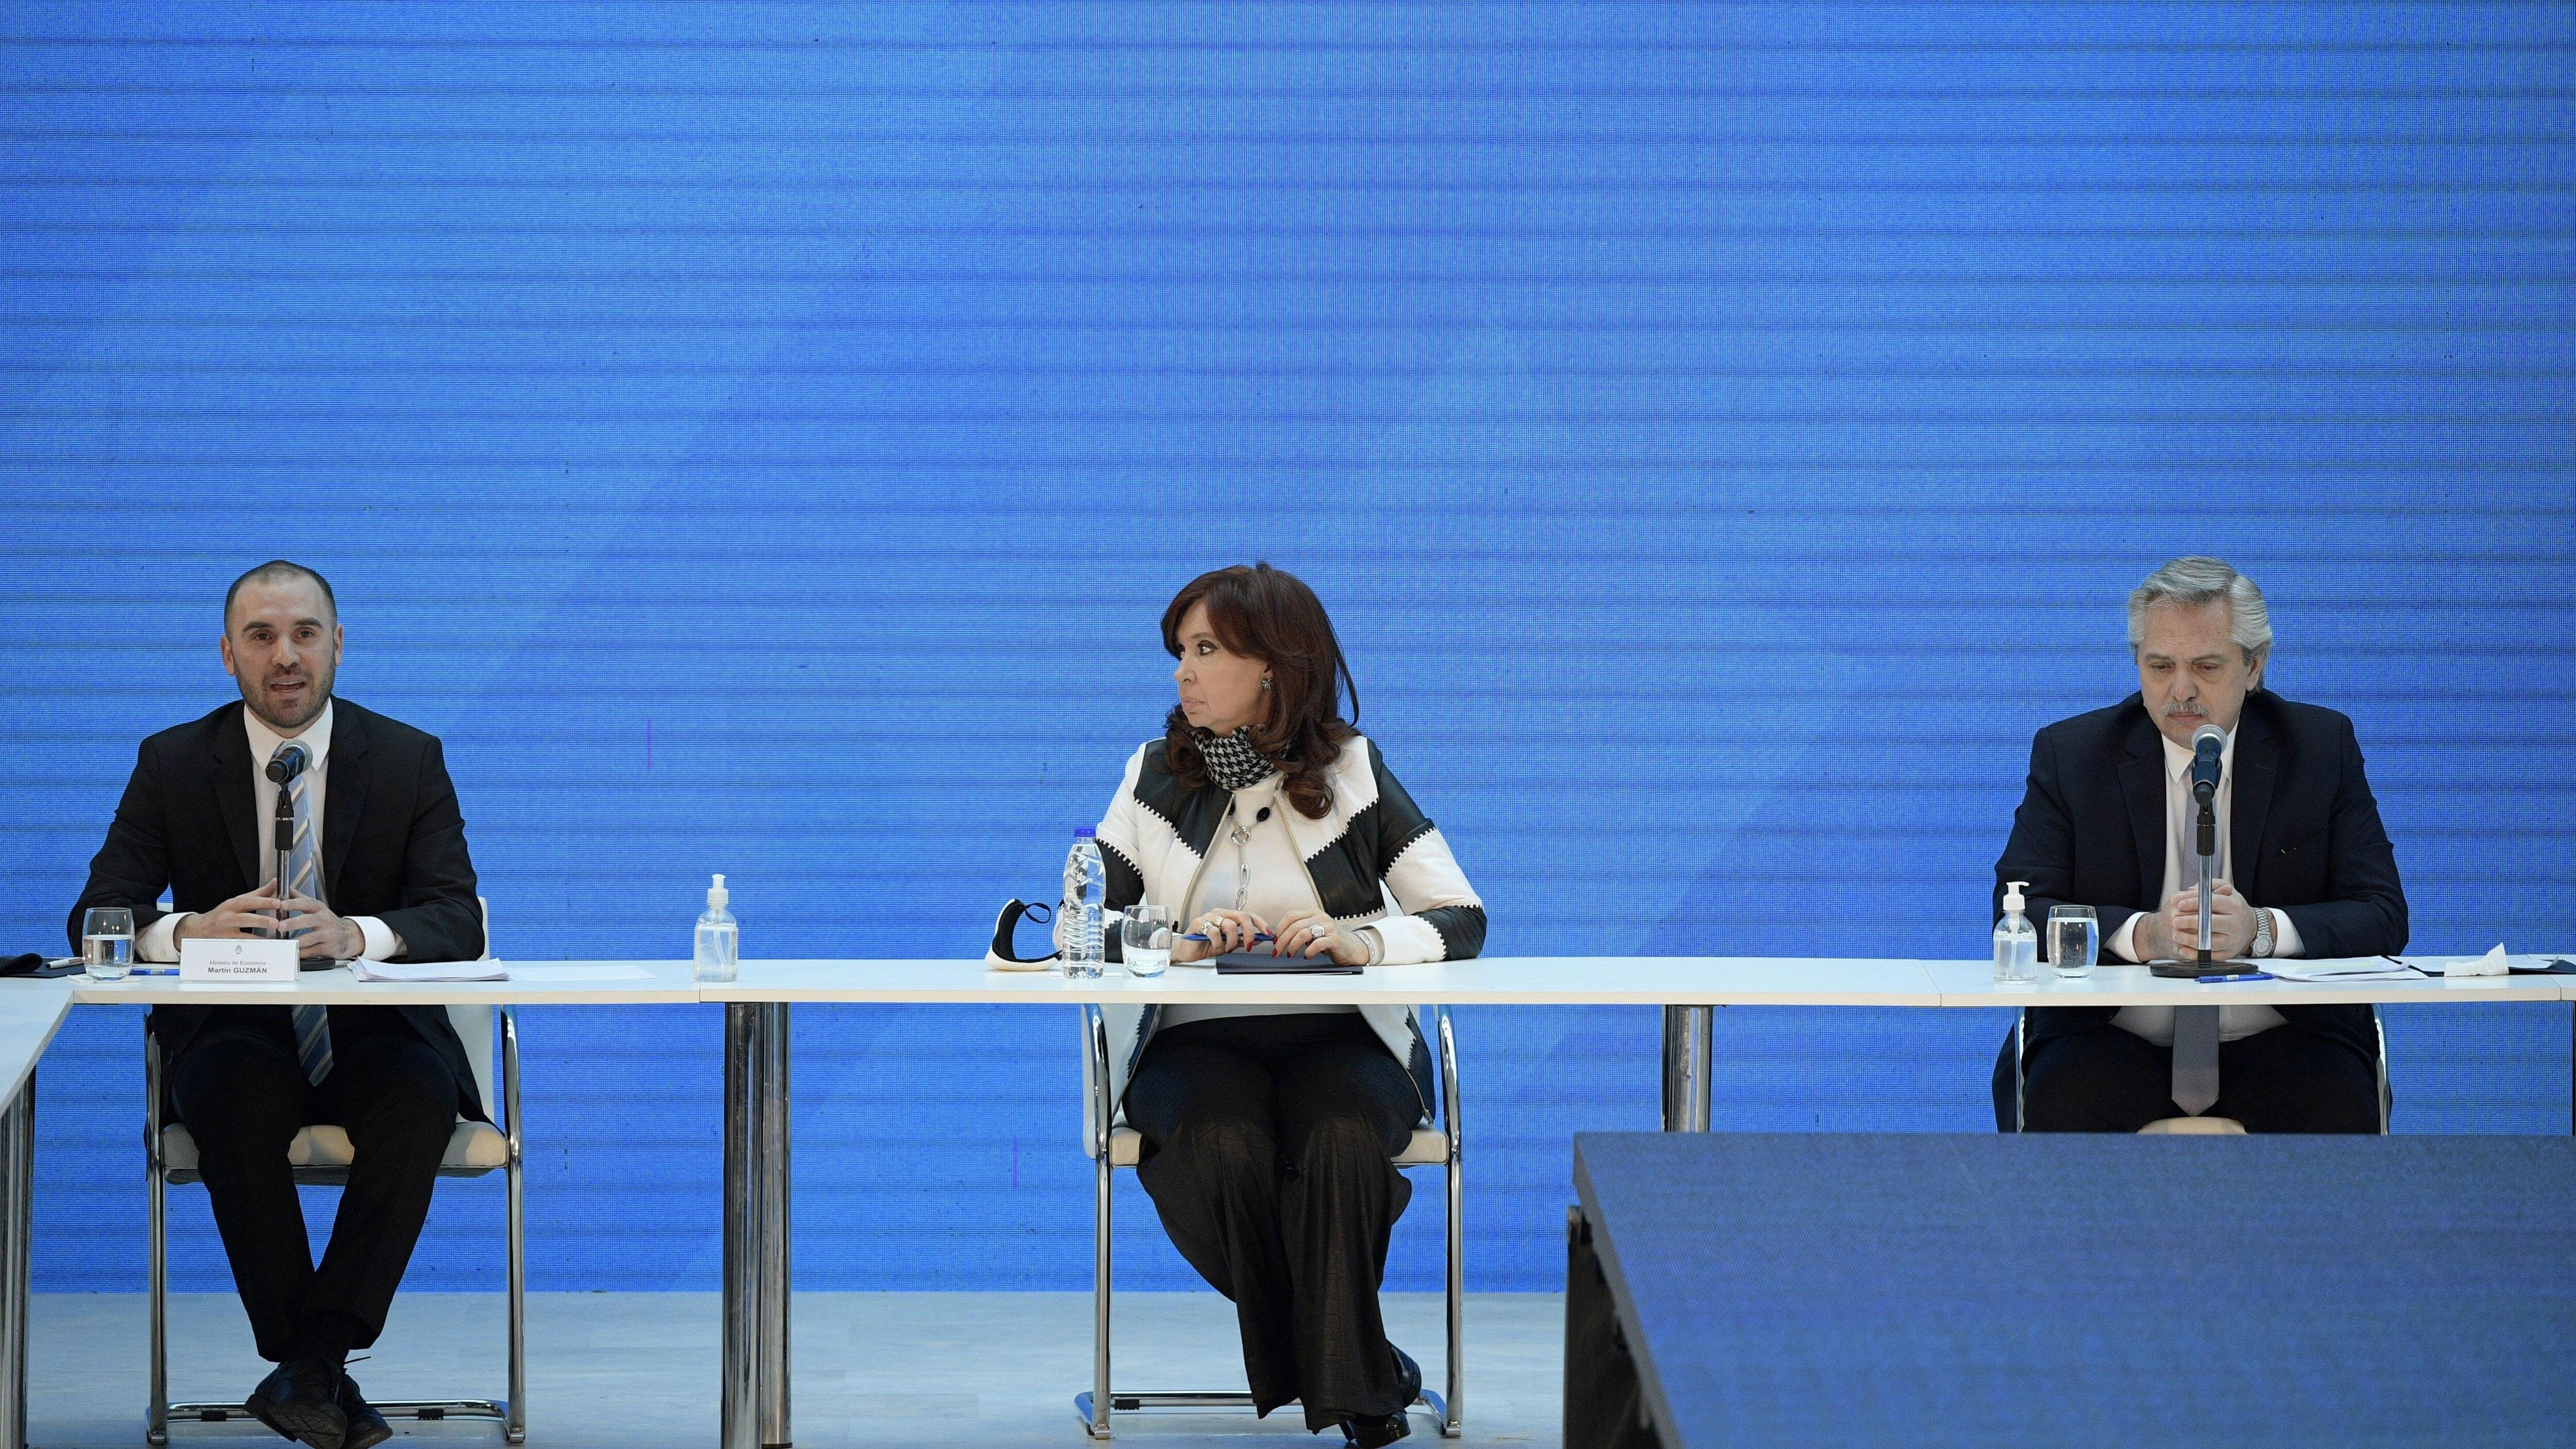 Alberto Fernandez, Cristina Fernandez de Kirchner y Martín Guzmán durante una reunión en la Casa Rosada